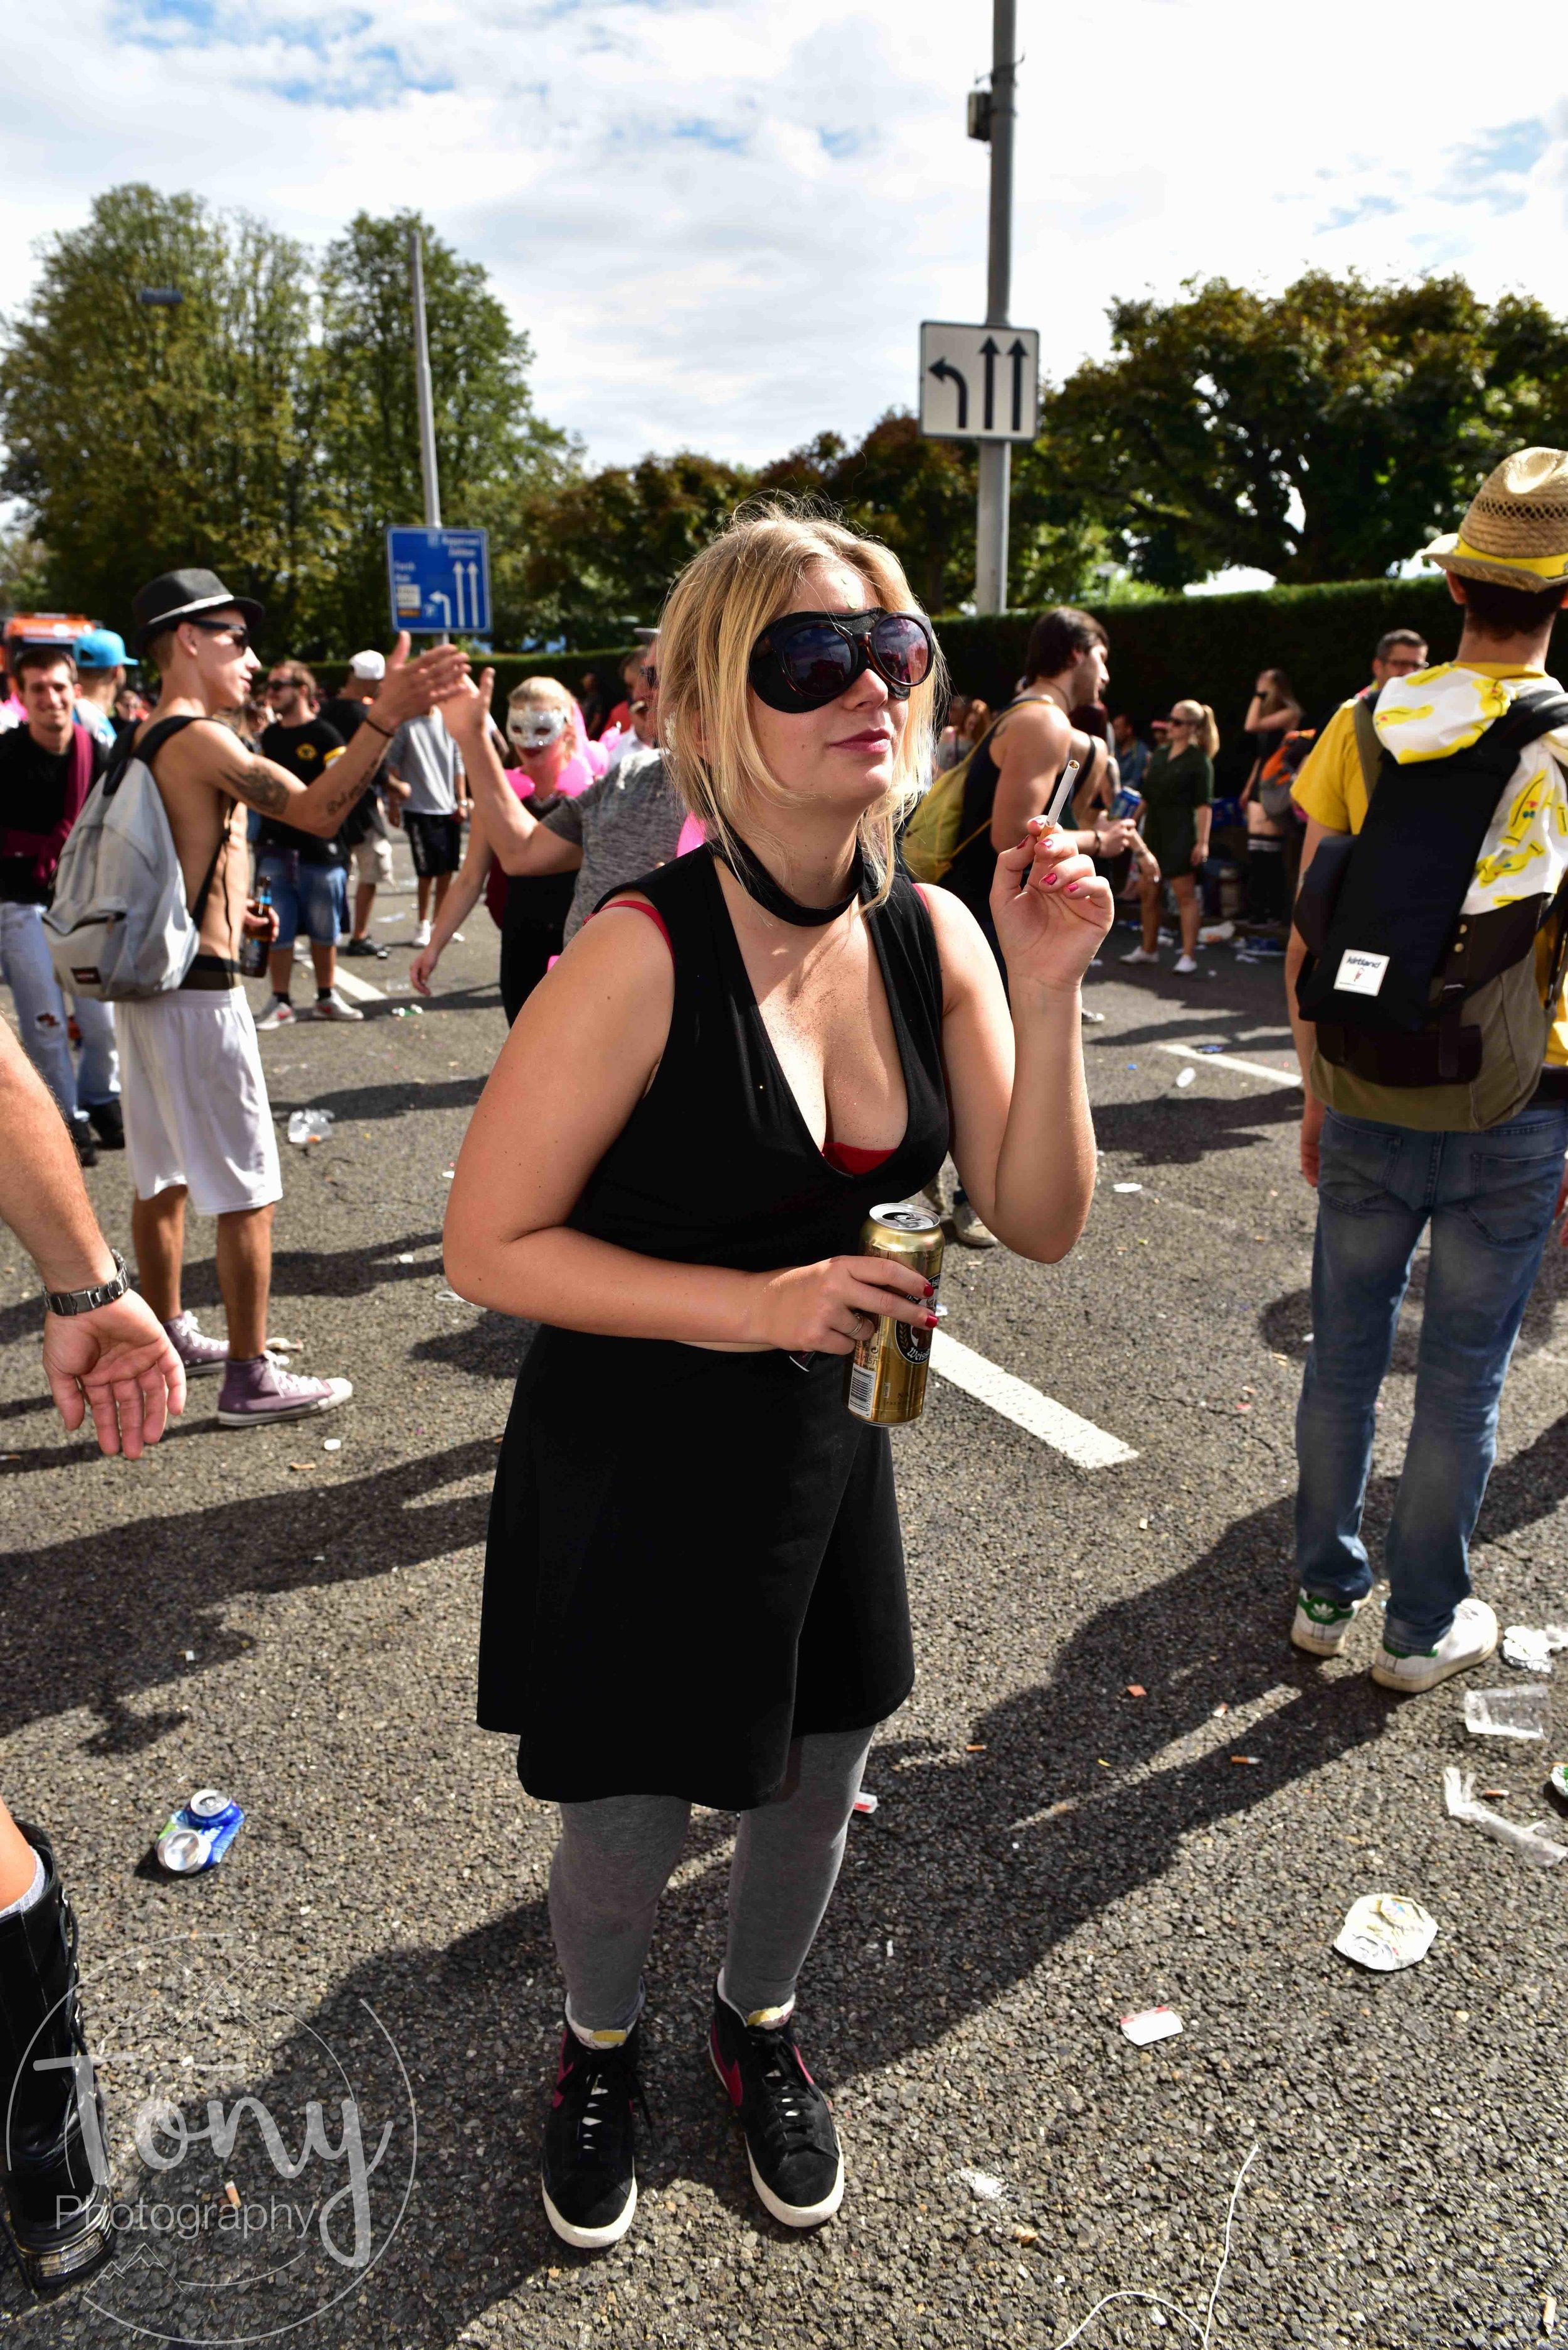 streetparade-161.jpg